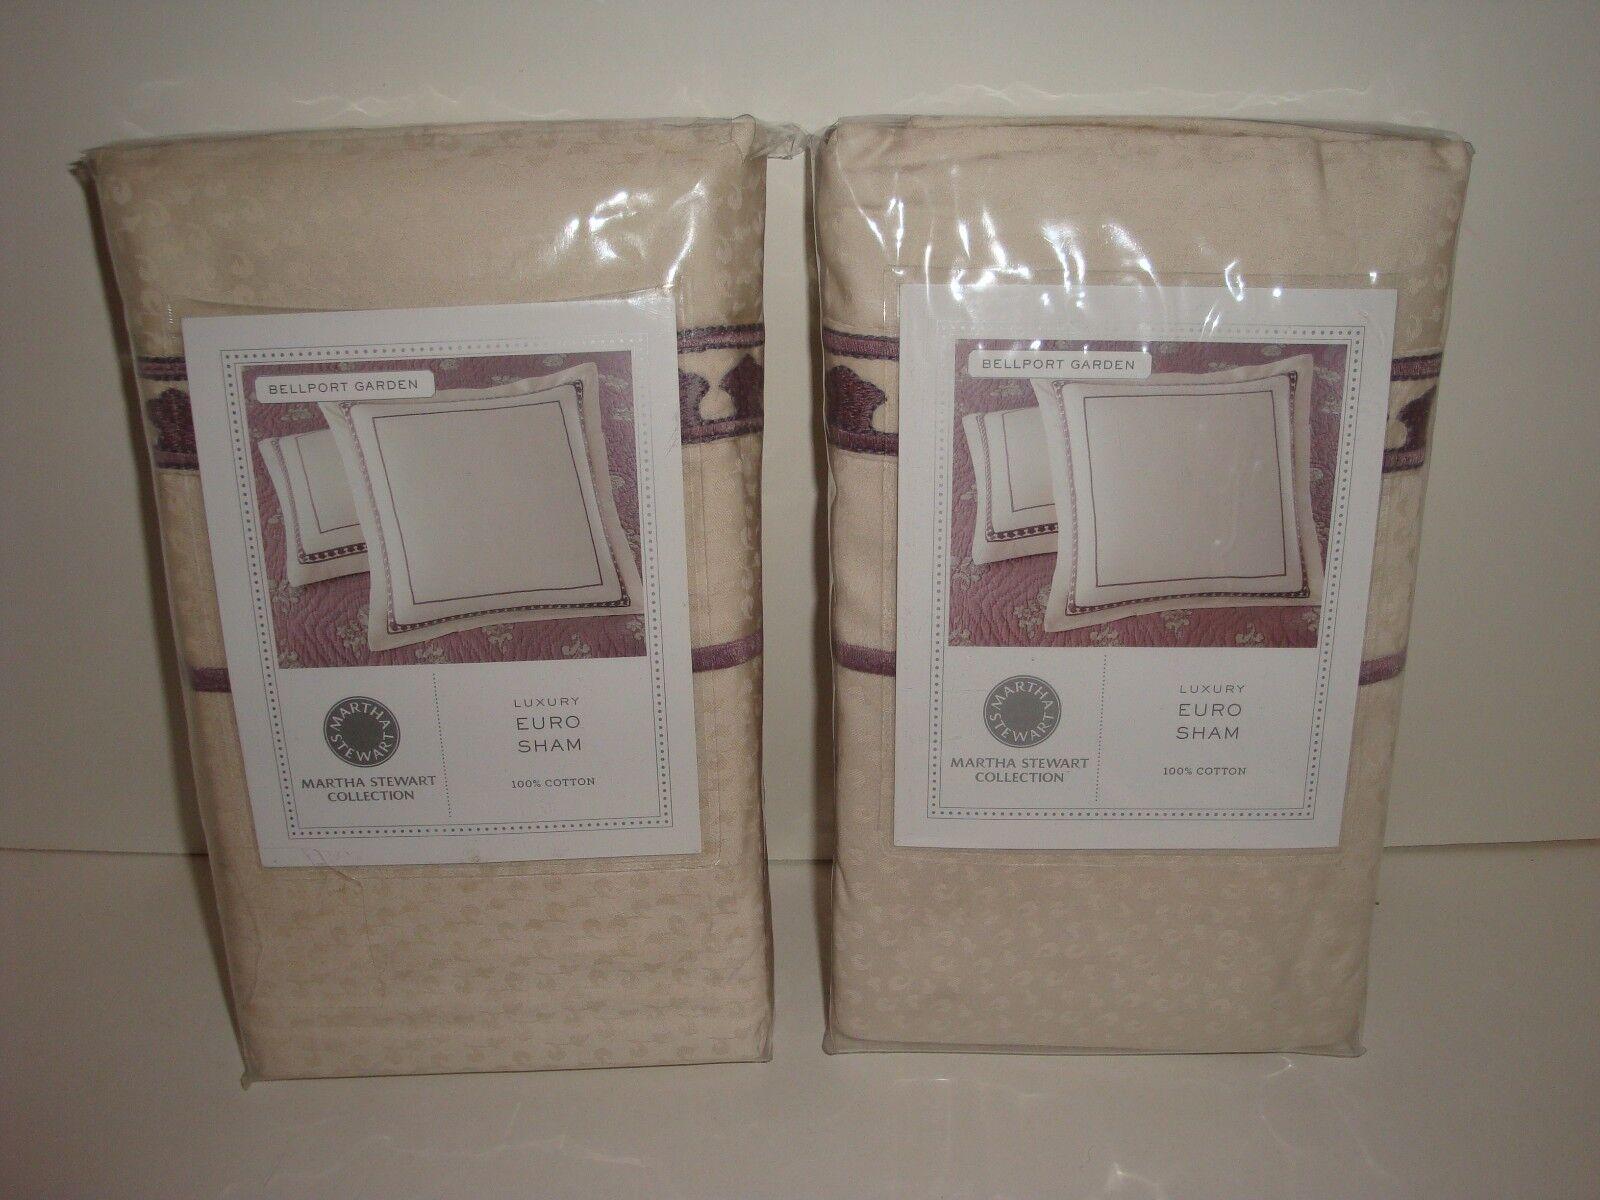 Macy's Martha Stewart Bellport Garden S 2 Euro Shams Embroidered Lavender Cream